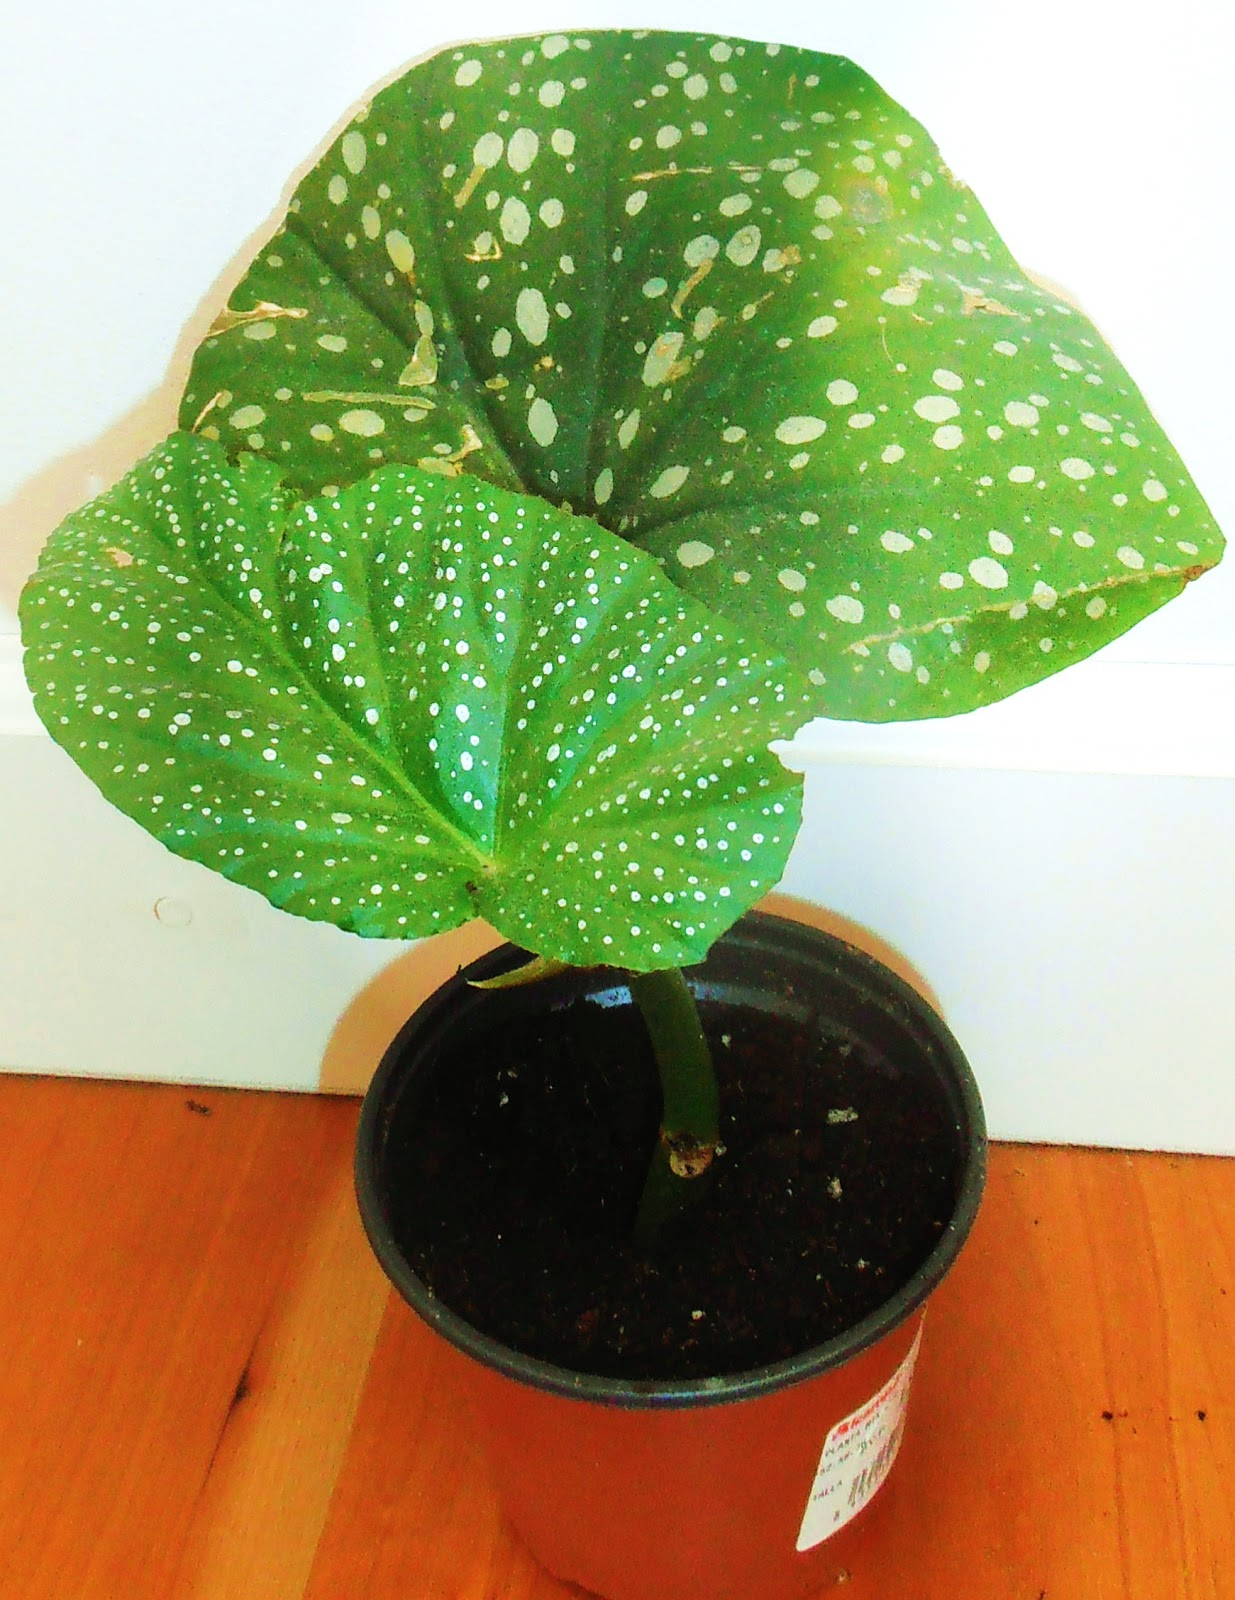 La ventana de javiruli plantas de interior 8 cuidados begonia tiki carmen o alas de ngel - Plantas de interior tropicales ...